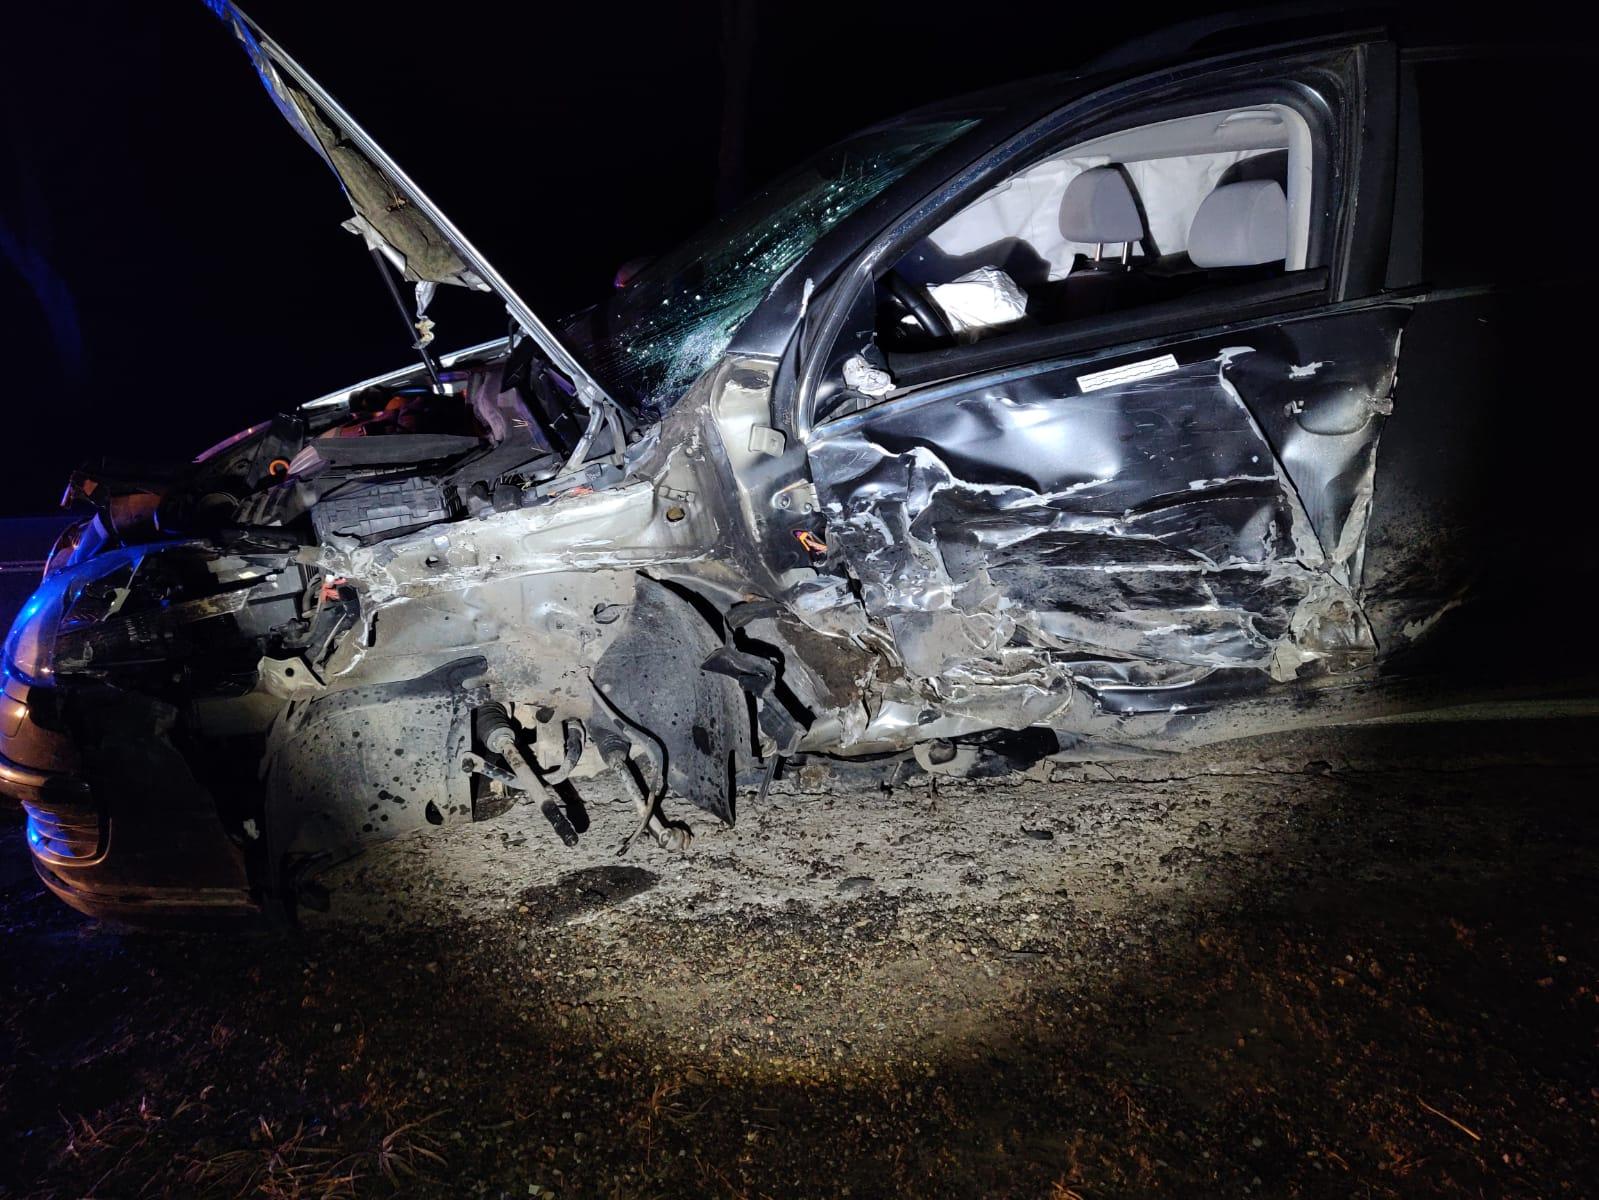 https://m.wm.pl/2019/02/orig/0000010643-3-miejsce-wypadku-531814.jpg